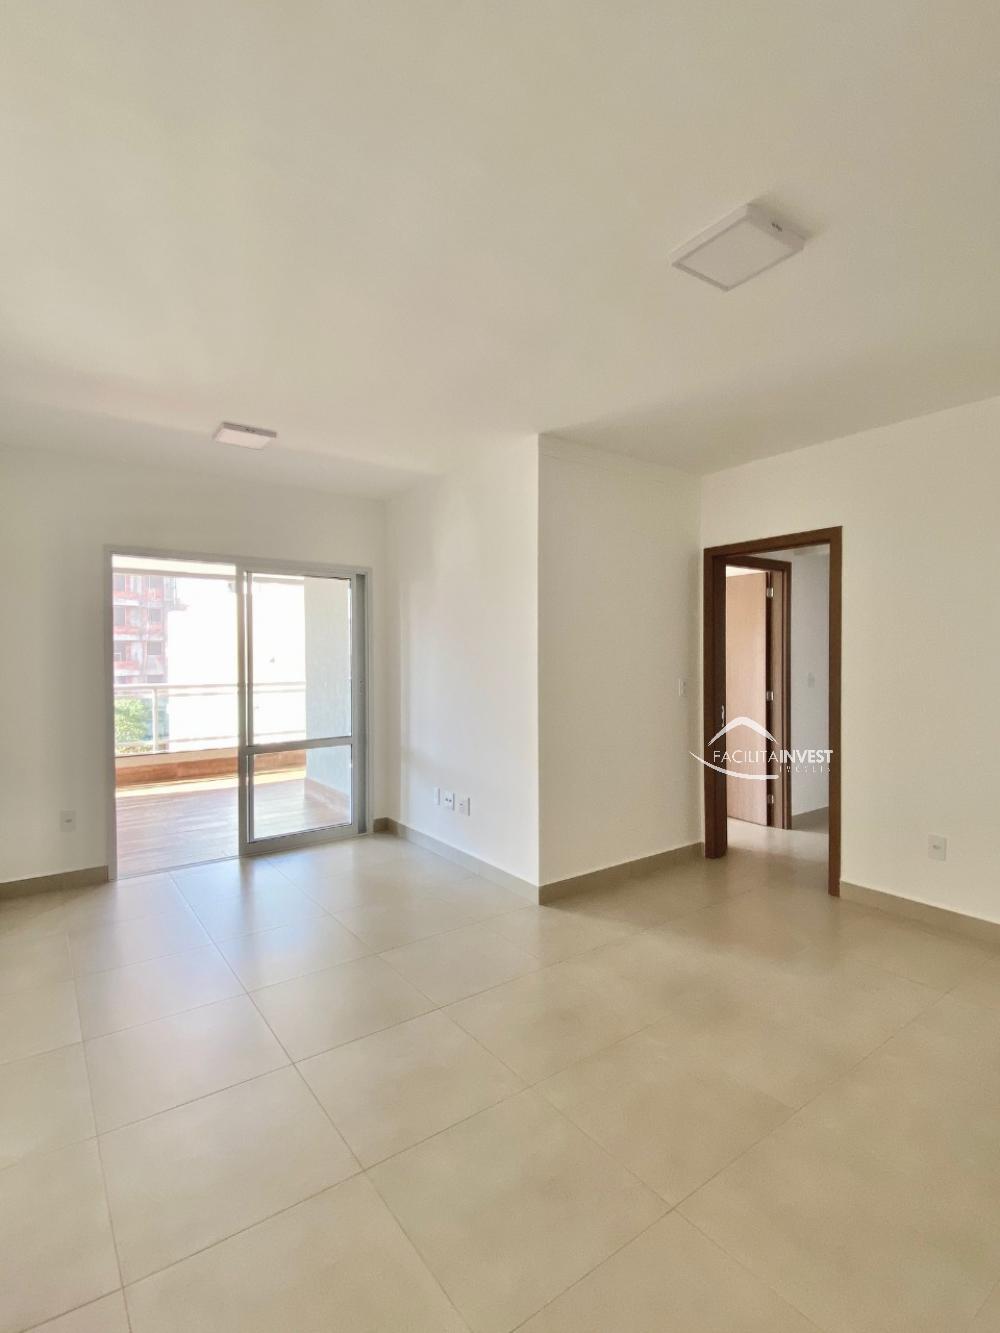 Alugar Apartamentos / Apart. Padrão em Ribeirão Preto R$ 2.750,00 - Foto 4